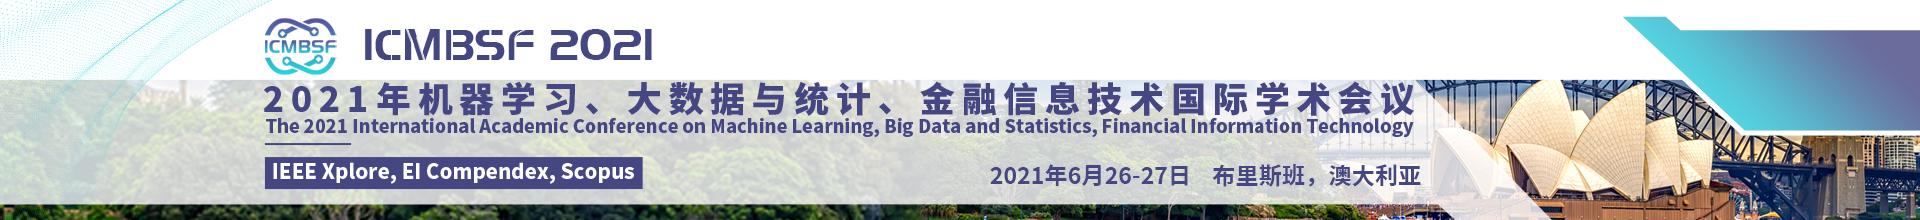 5月澳大利亚ICMBSF2021-学术会议云-何霞丽-20210115.png